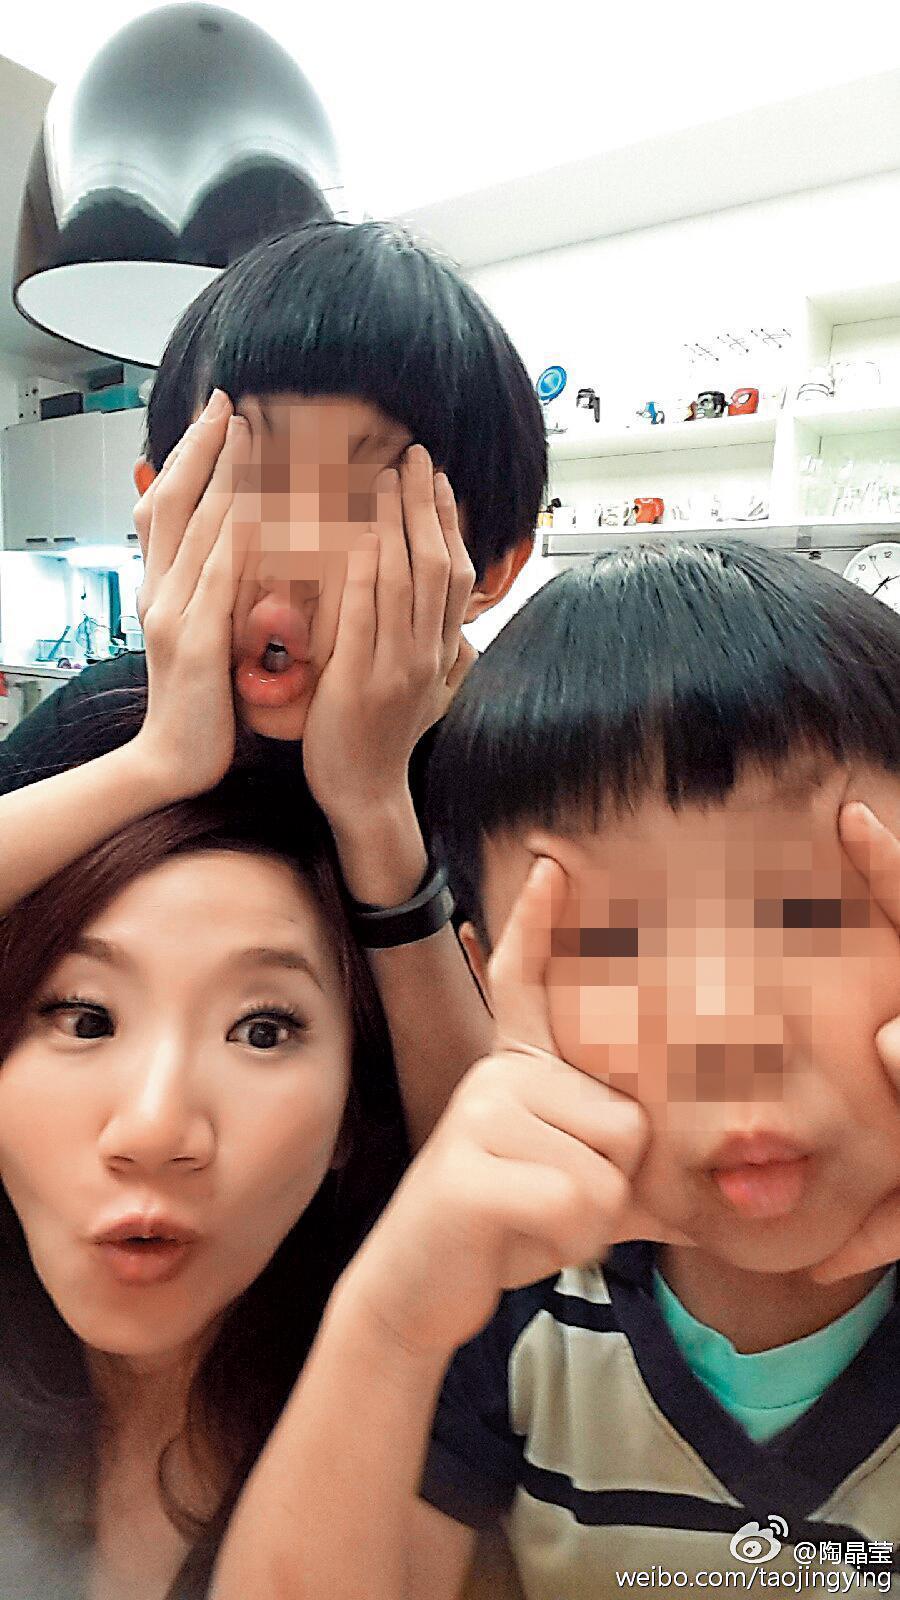 陶子育有荳荳與李小龍一對兒女,據悉她打算舉家移居上海,並讓兩個孩子也在當地就學。(翻攝自陶晶瑩微博)